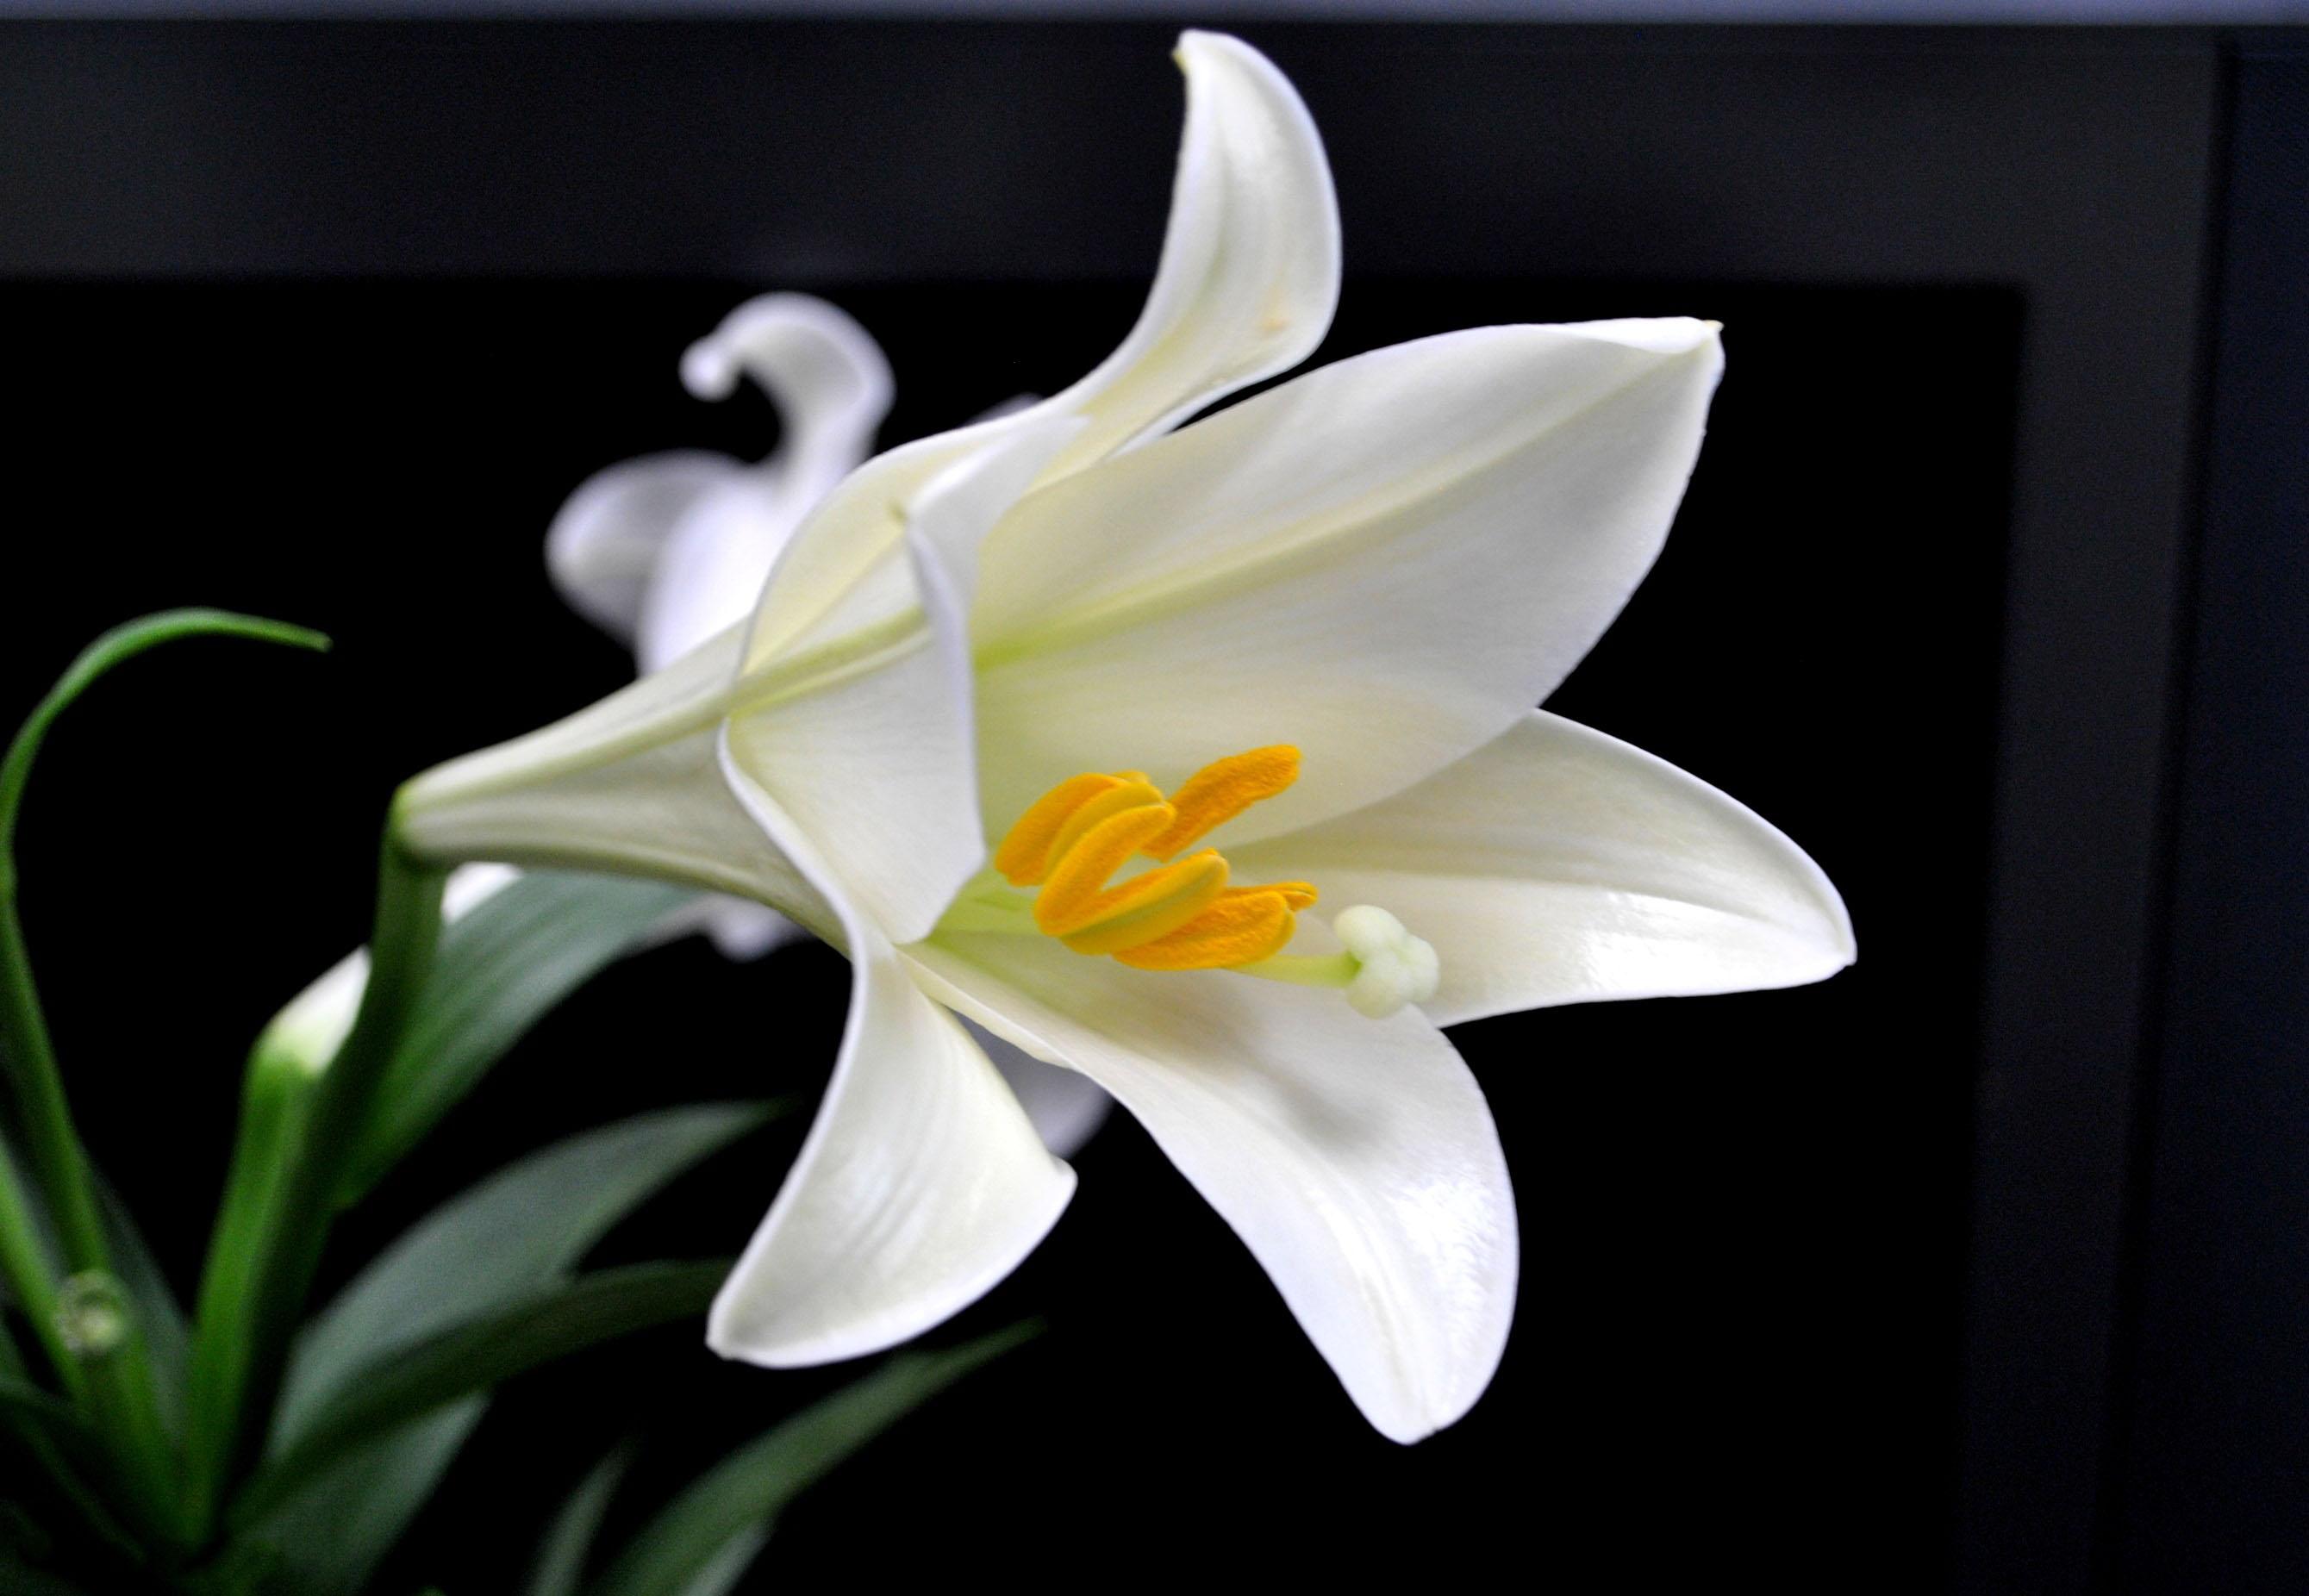 Ảnh hoa loa kèn trắng nở đẹp nhất